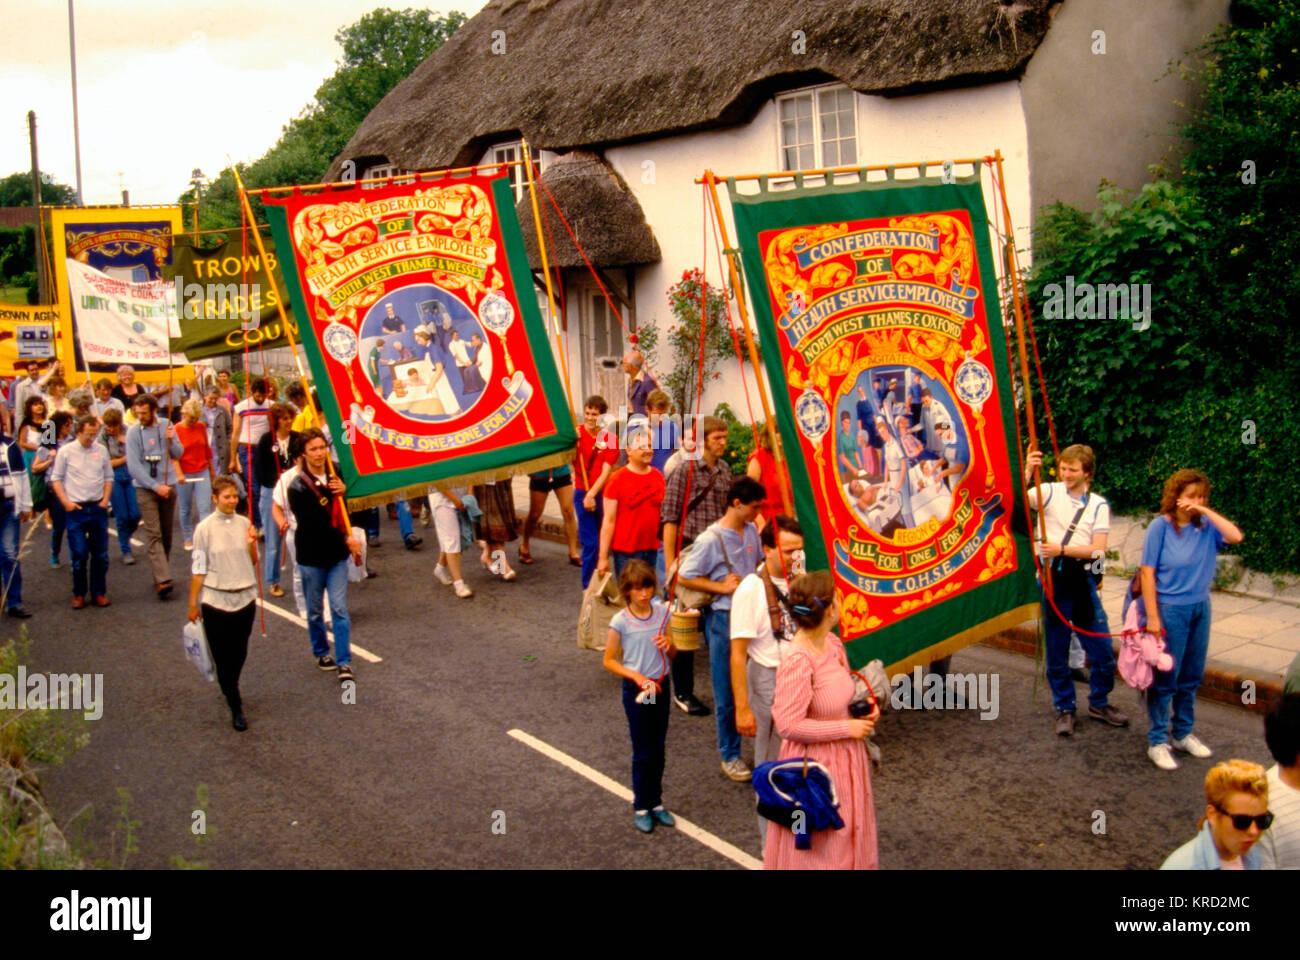 Las personas que toman parte en el Festival de rally de Tolpuddle, en Dorset, un evento anual en conmemoración Imagen De Stock